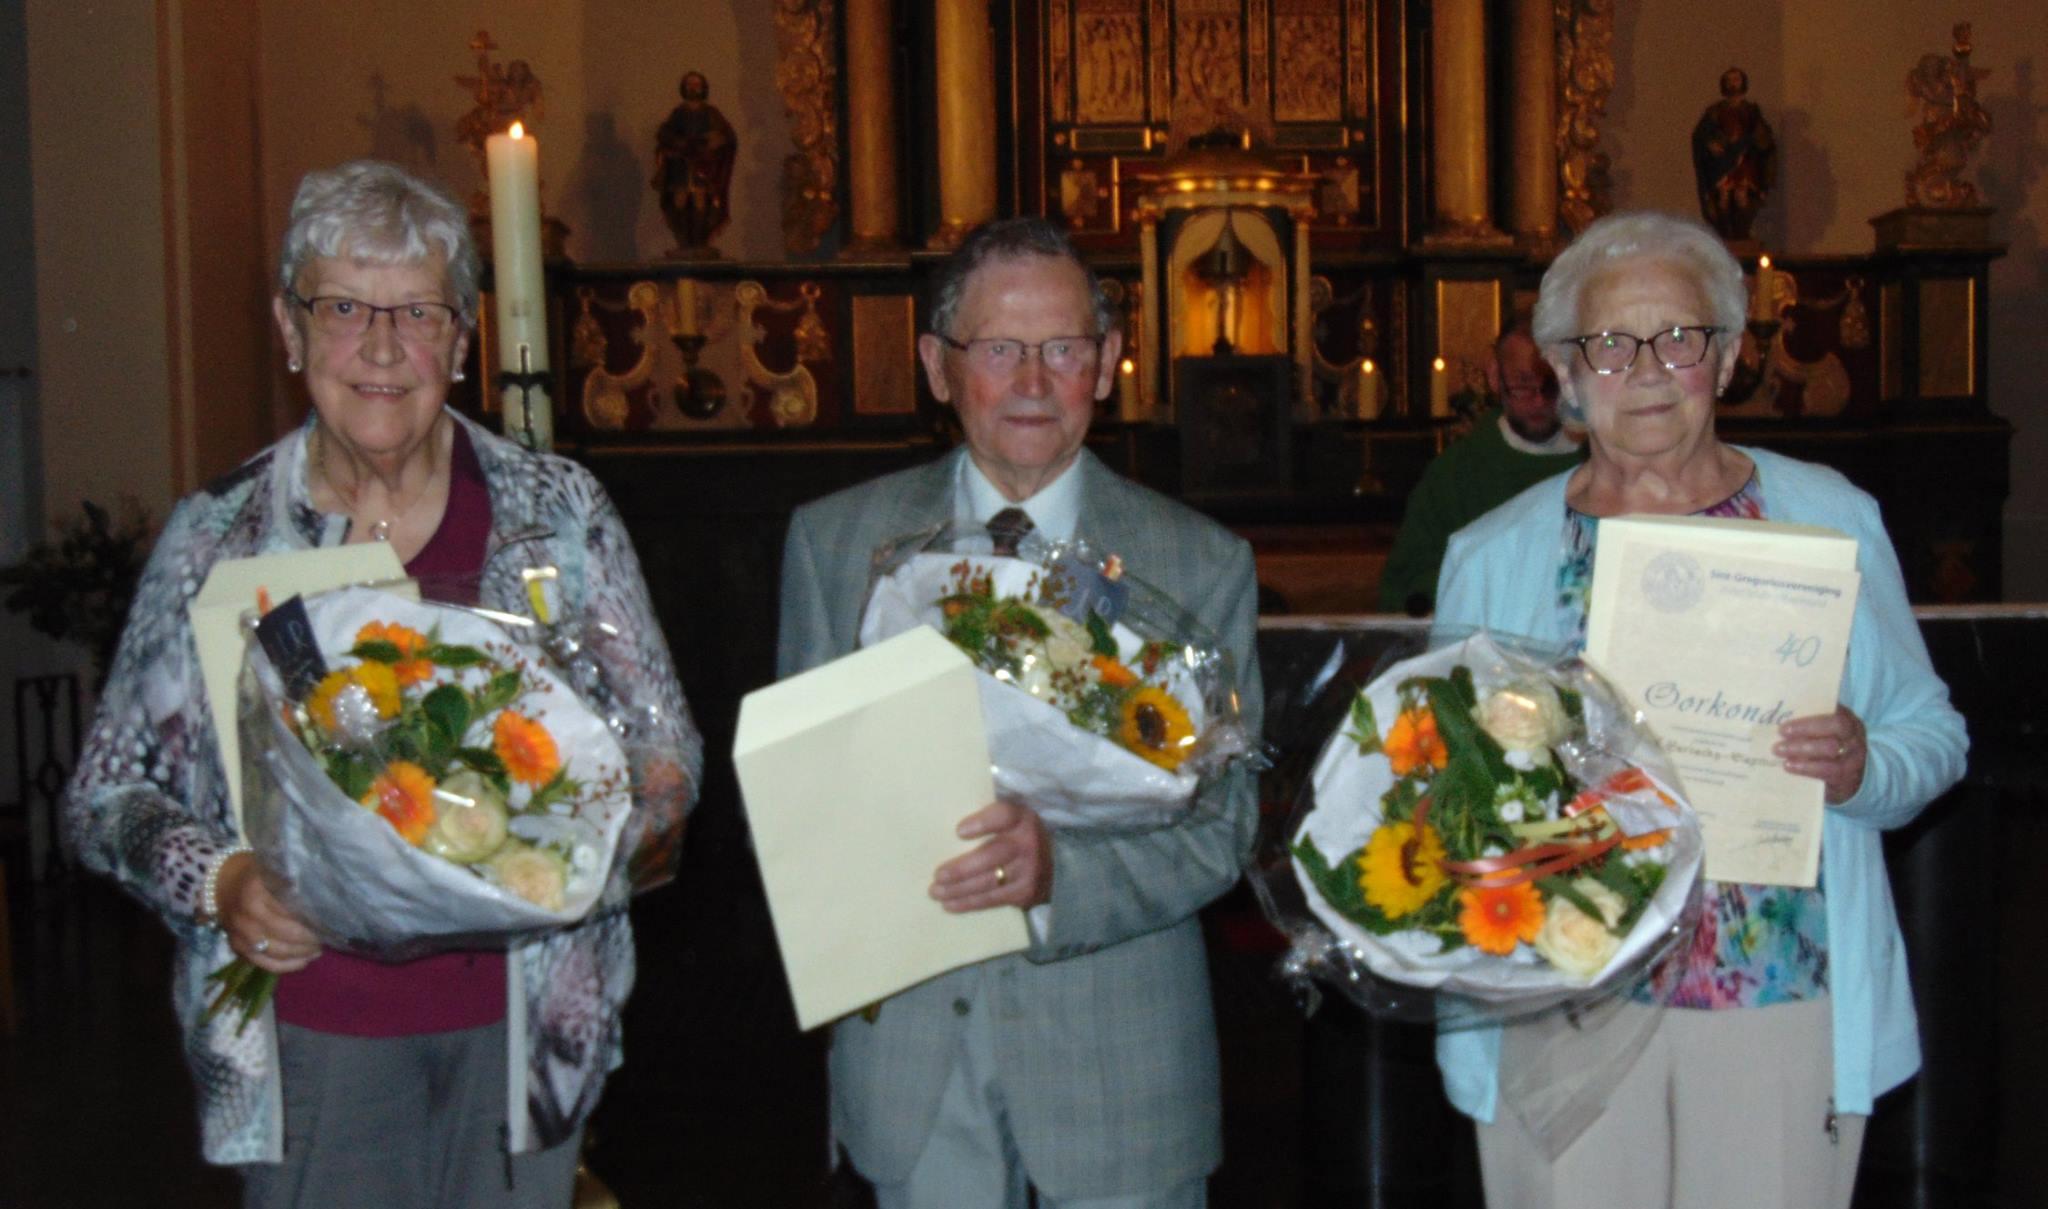 Gouden jubilarissen bij 'Offers' kerkkoor